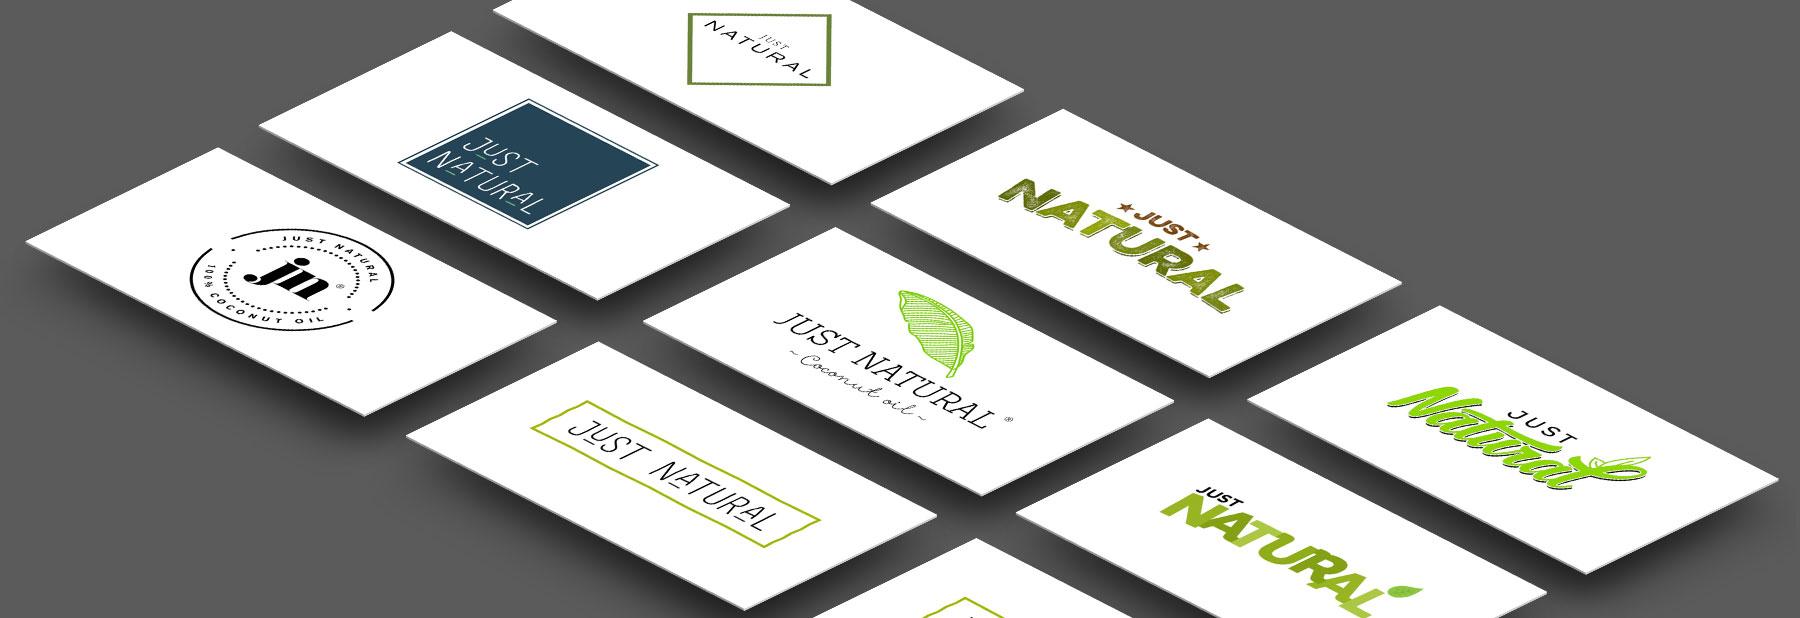 just-natural-logos-3